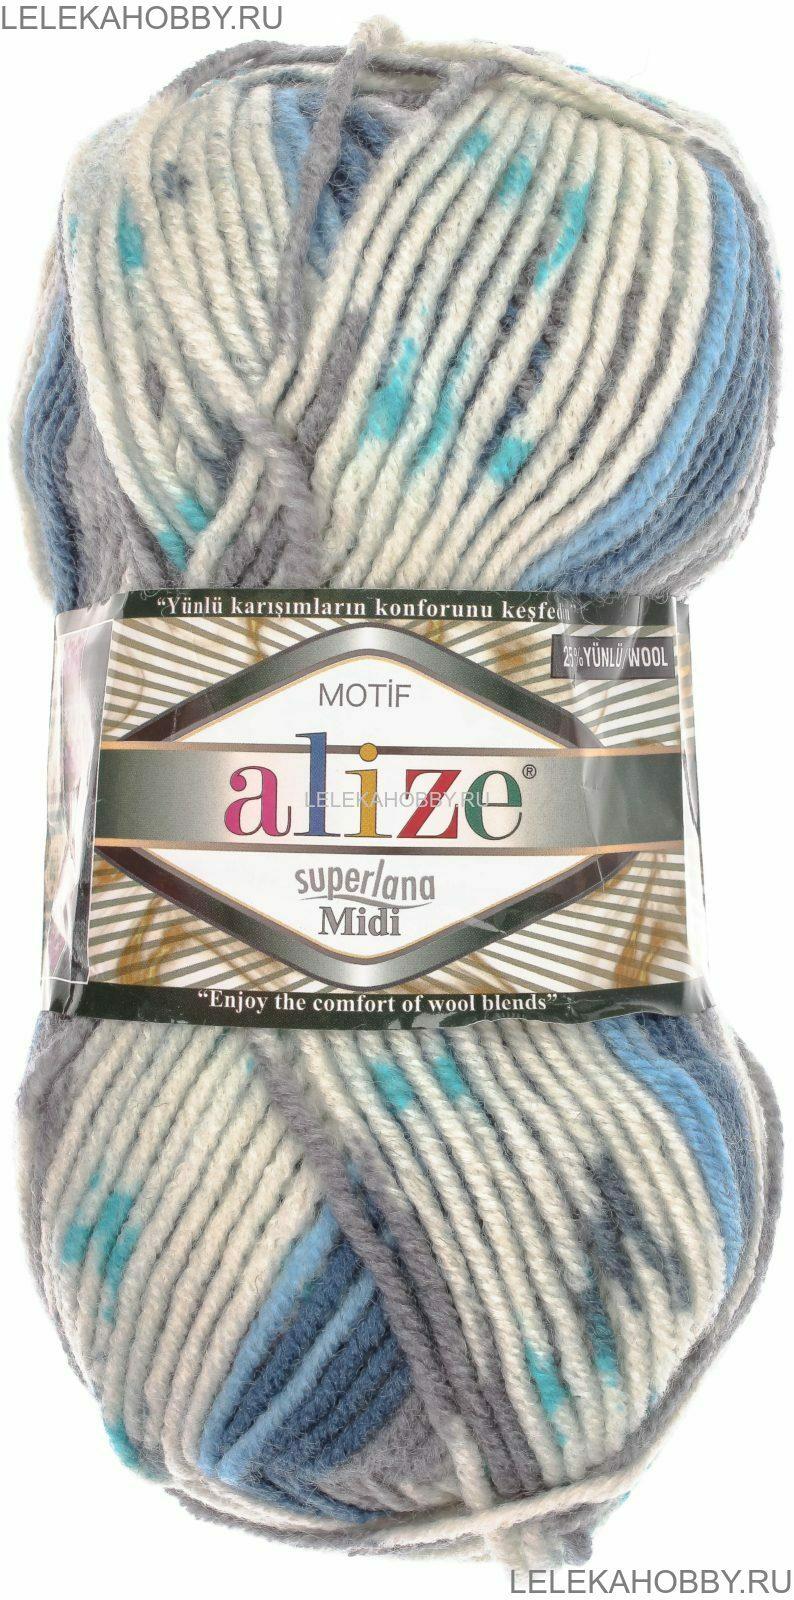 пряжа motif alize купить